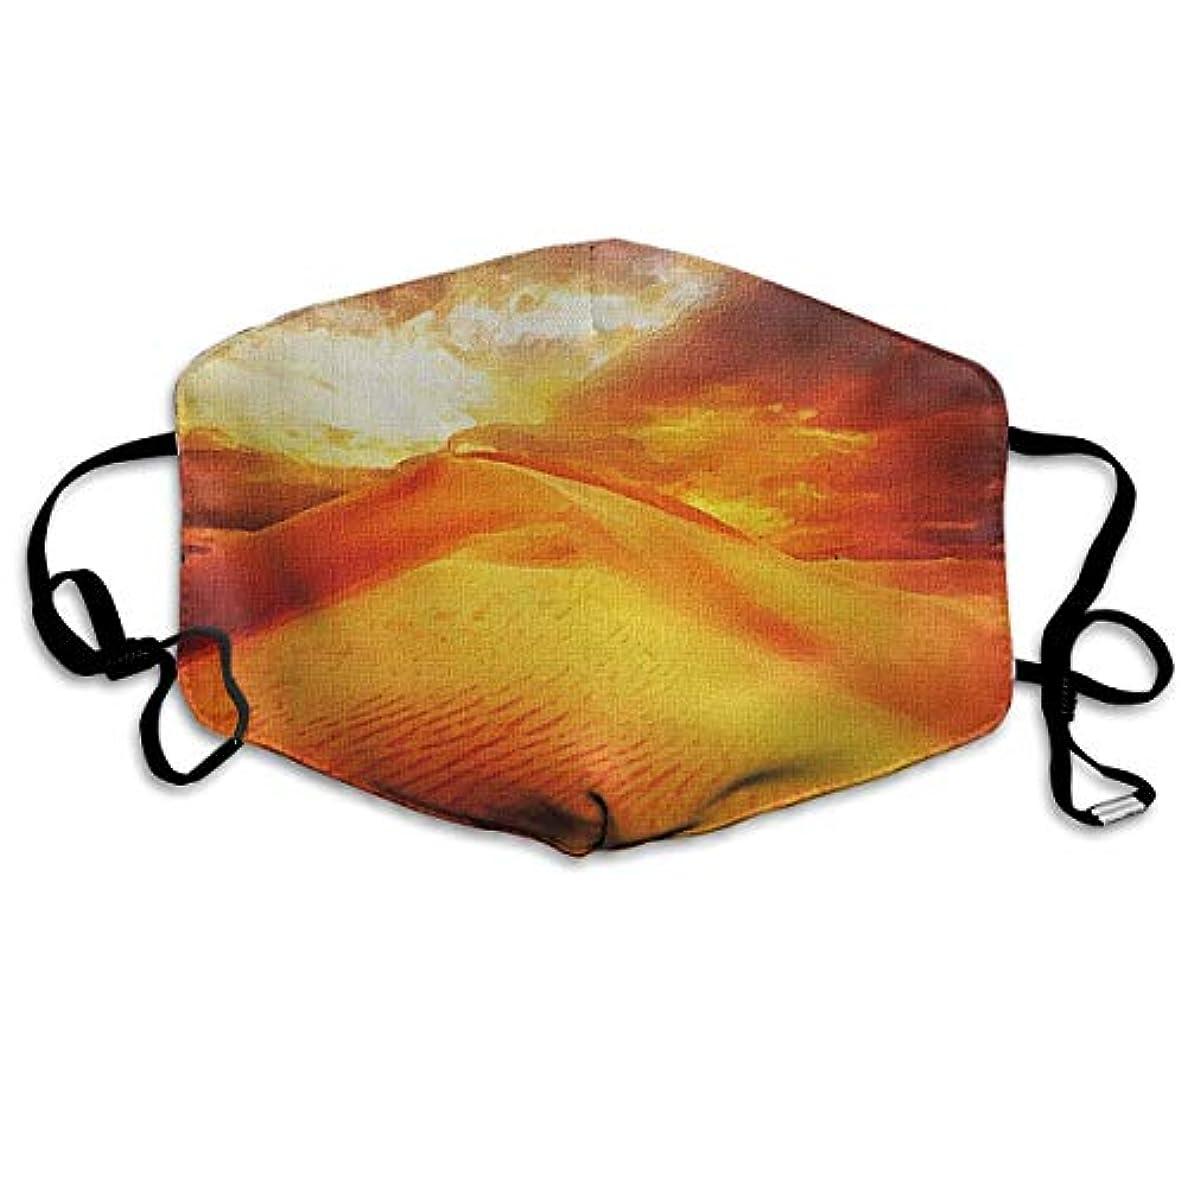 グレードプライバシー土地Morningligh 5 マスク 使い捨てマスク ファッションマスク 個別包装 まとめ買い 防災 避難 緊急 抗菌 花粉症予防 風邪予防 男女兼用 健康を守るため